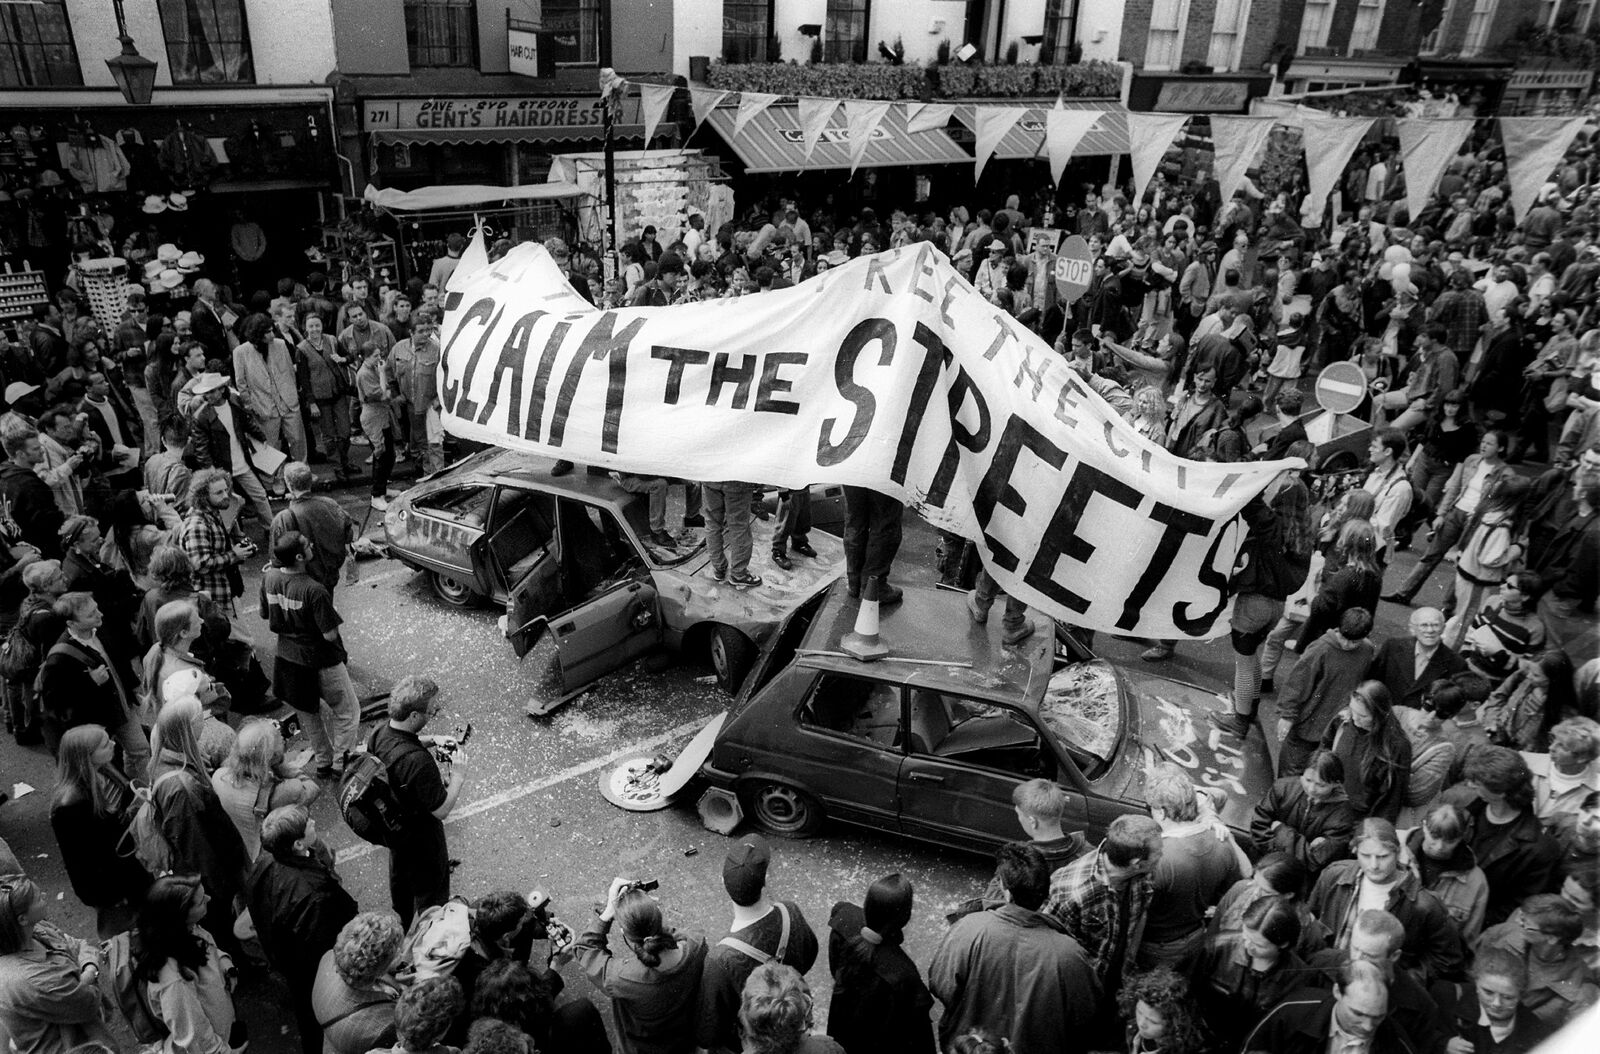 Ensimmäinen Reclaim the Streets -tapahtuma käynnistyi lavastetulla kolarilla Lontoon Camden Townissa vuonna 1995. Ideana oli vallata kaupunkitilaa autoilta ihmisille ja esitettää vaihtoehtoinen tapa käyttää julkista tilaa. KUVANick Cobbing